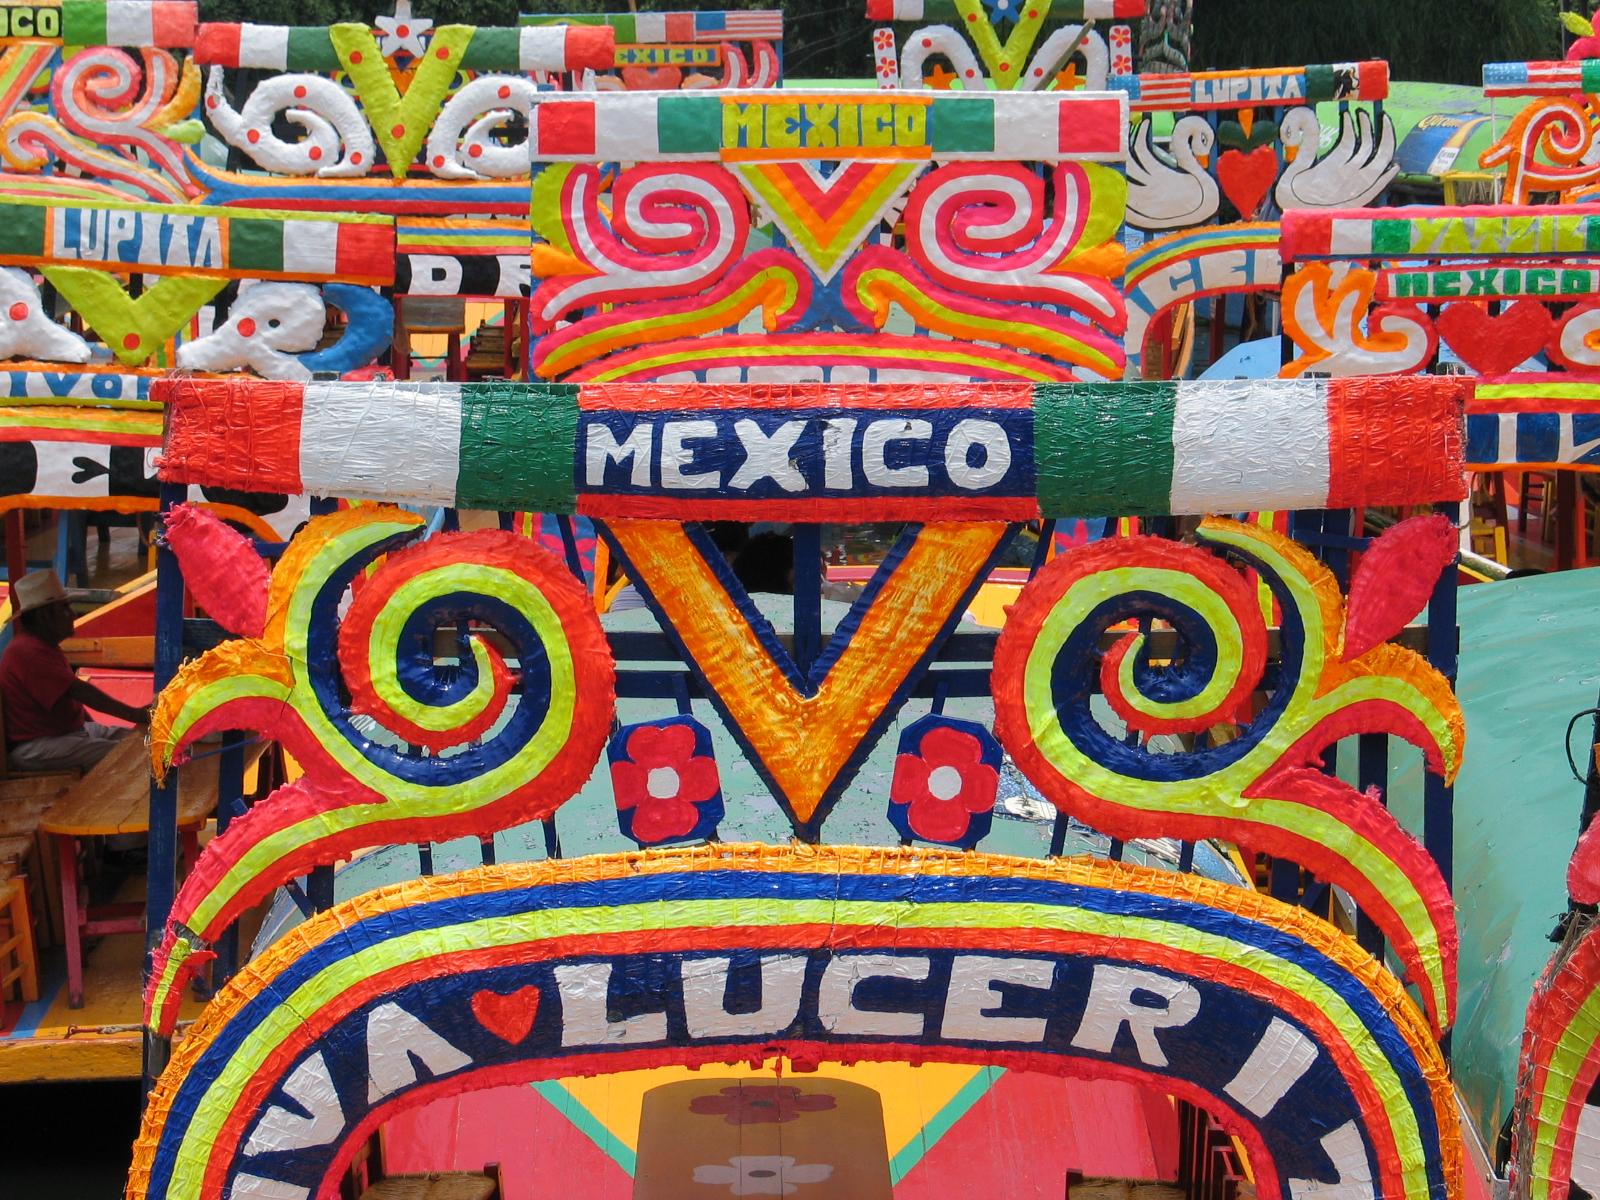 Entorno Turístico de México